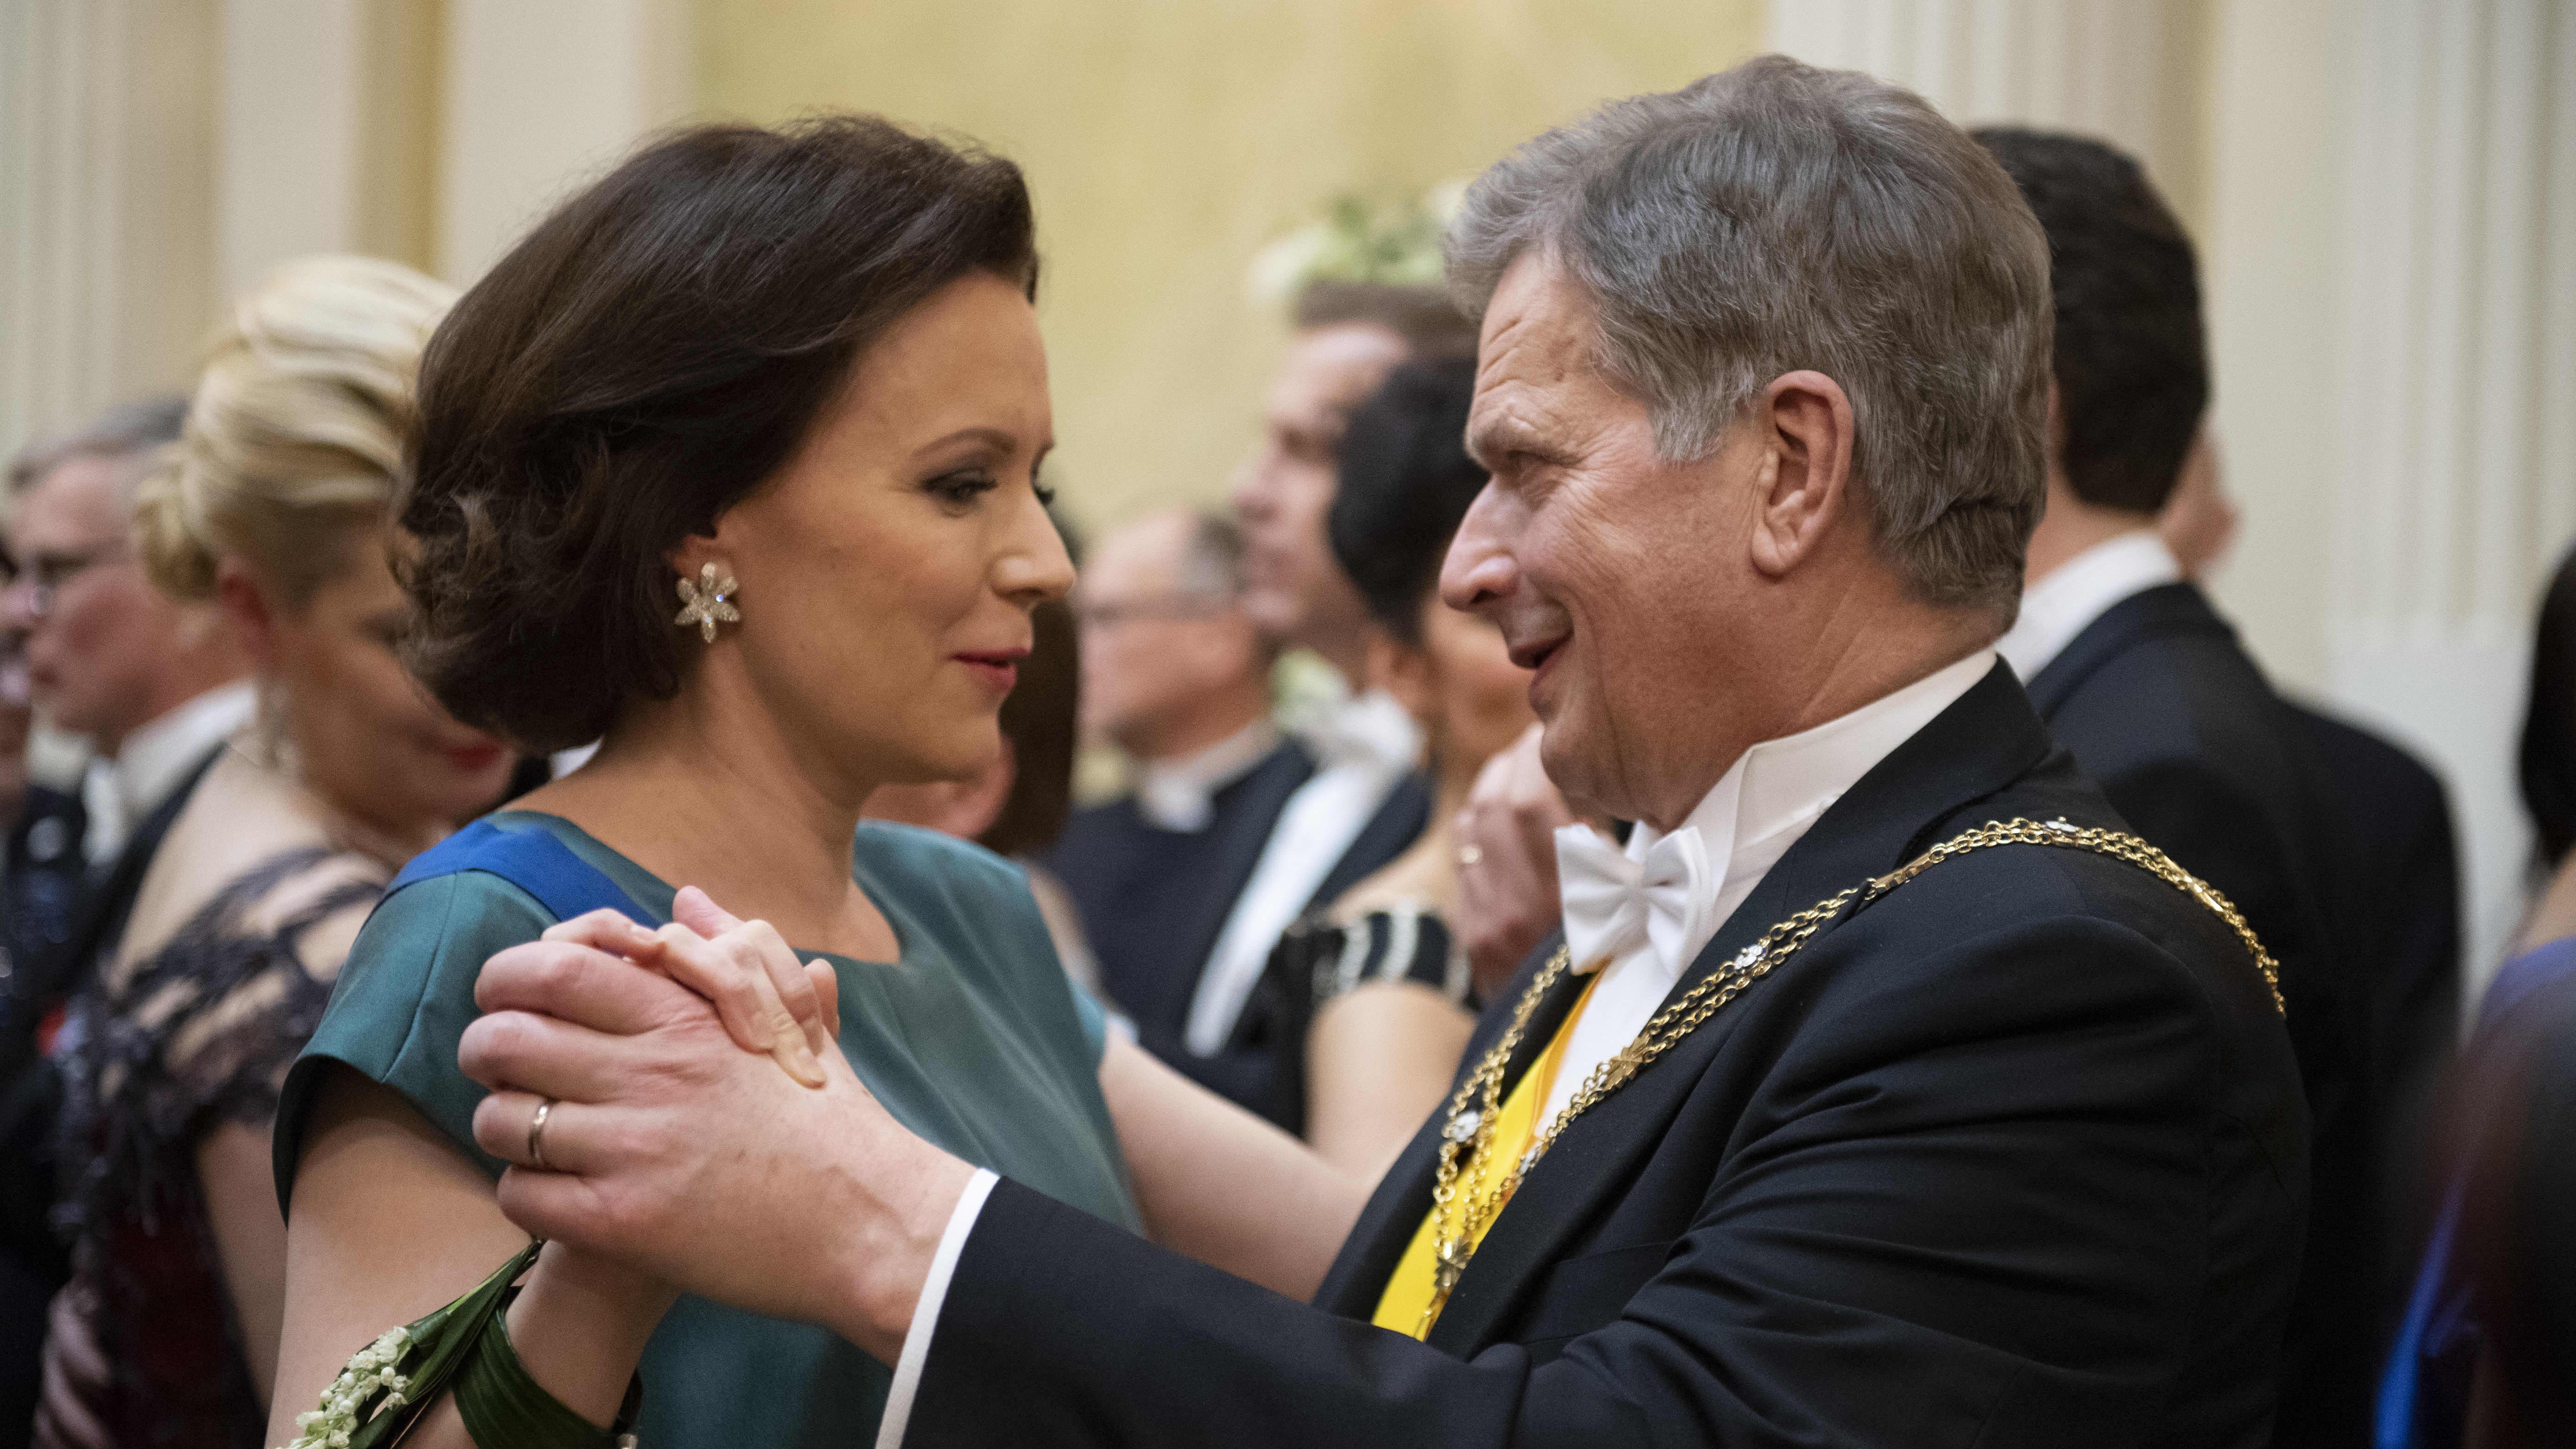 Tasavallan presidentin itsenäisyyspäivän juhlavastaanotto Presidentinlinnassa 2017.